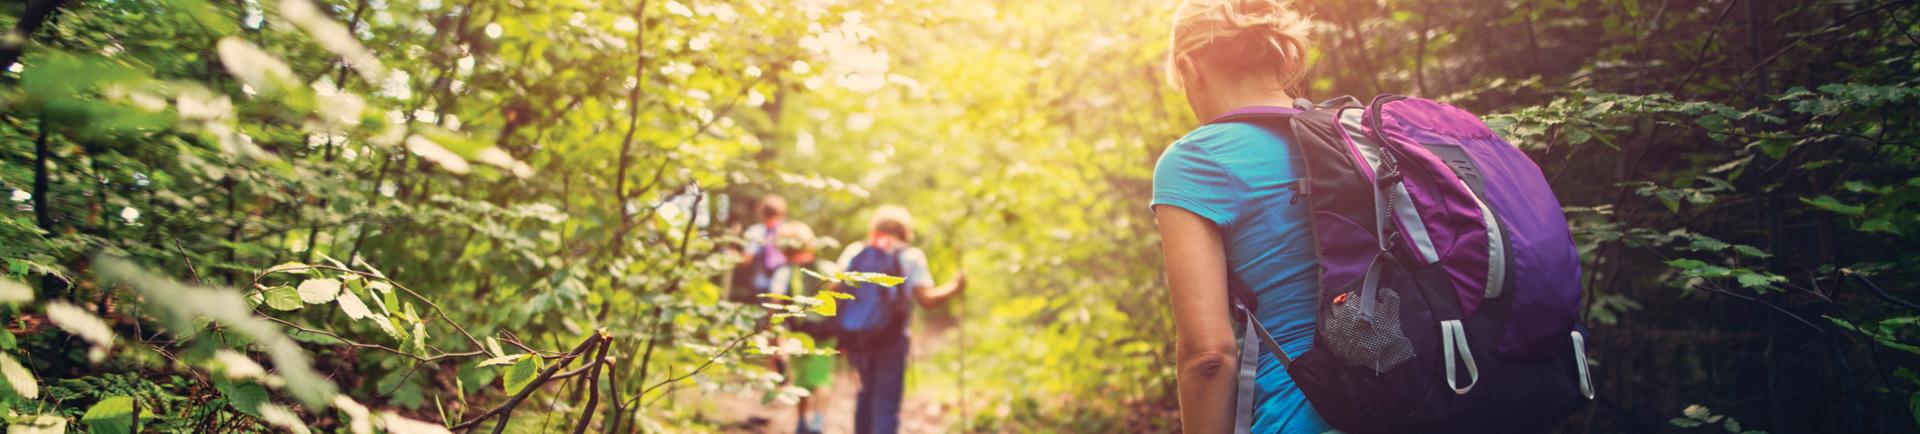 Fotografia de jovens de costas a fazer caminhada por um caminho na floresta